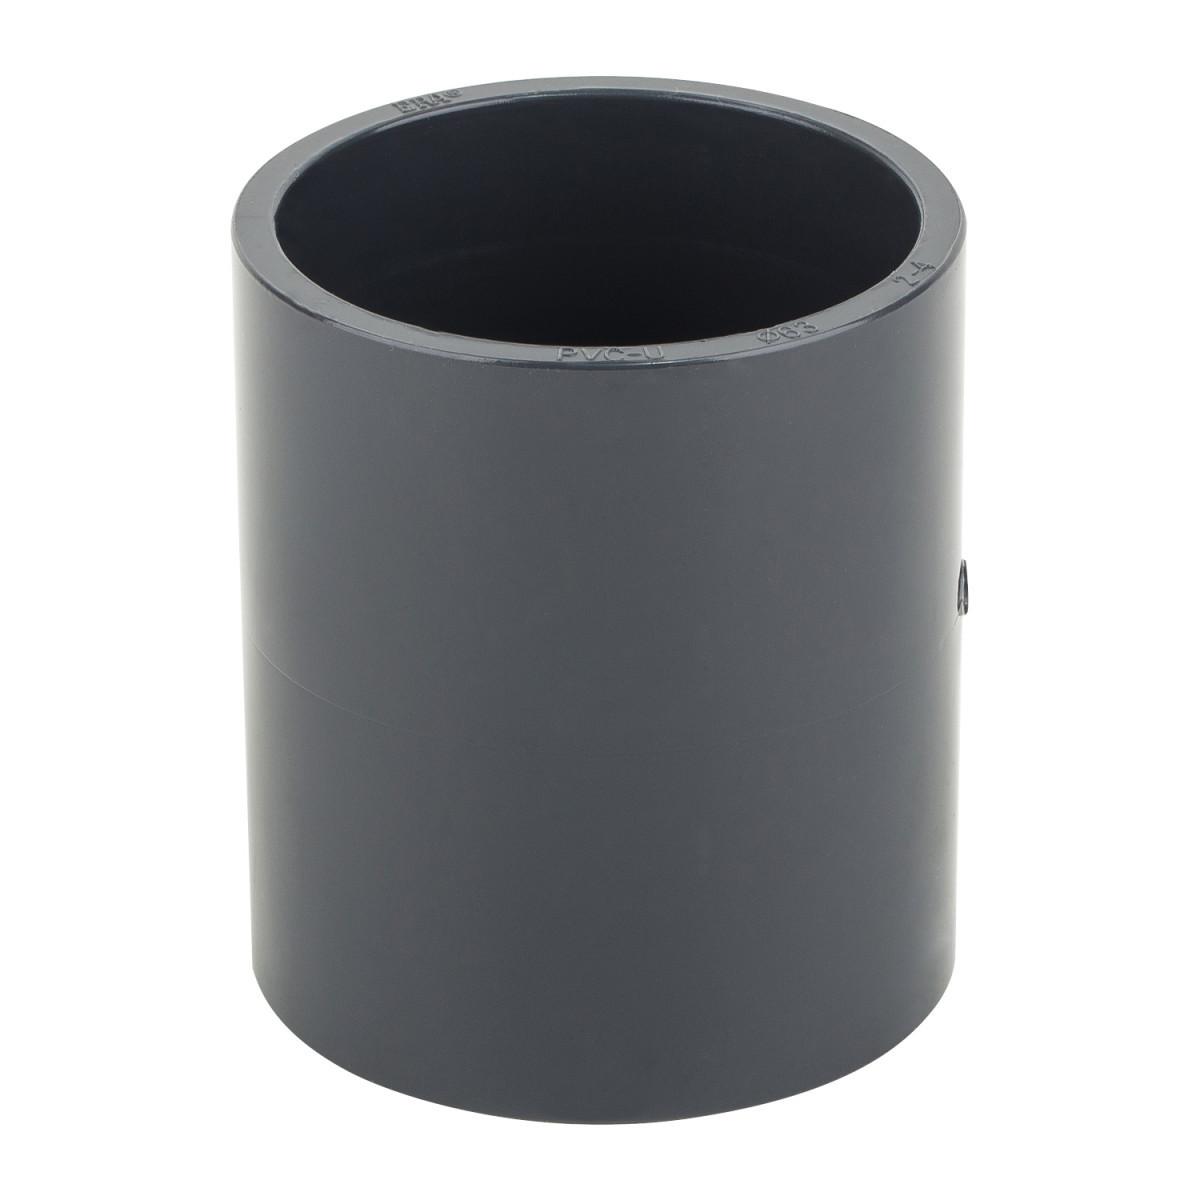 Муфта ПВХ ERA соеденительная диаметр 125 мм